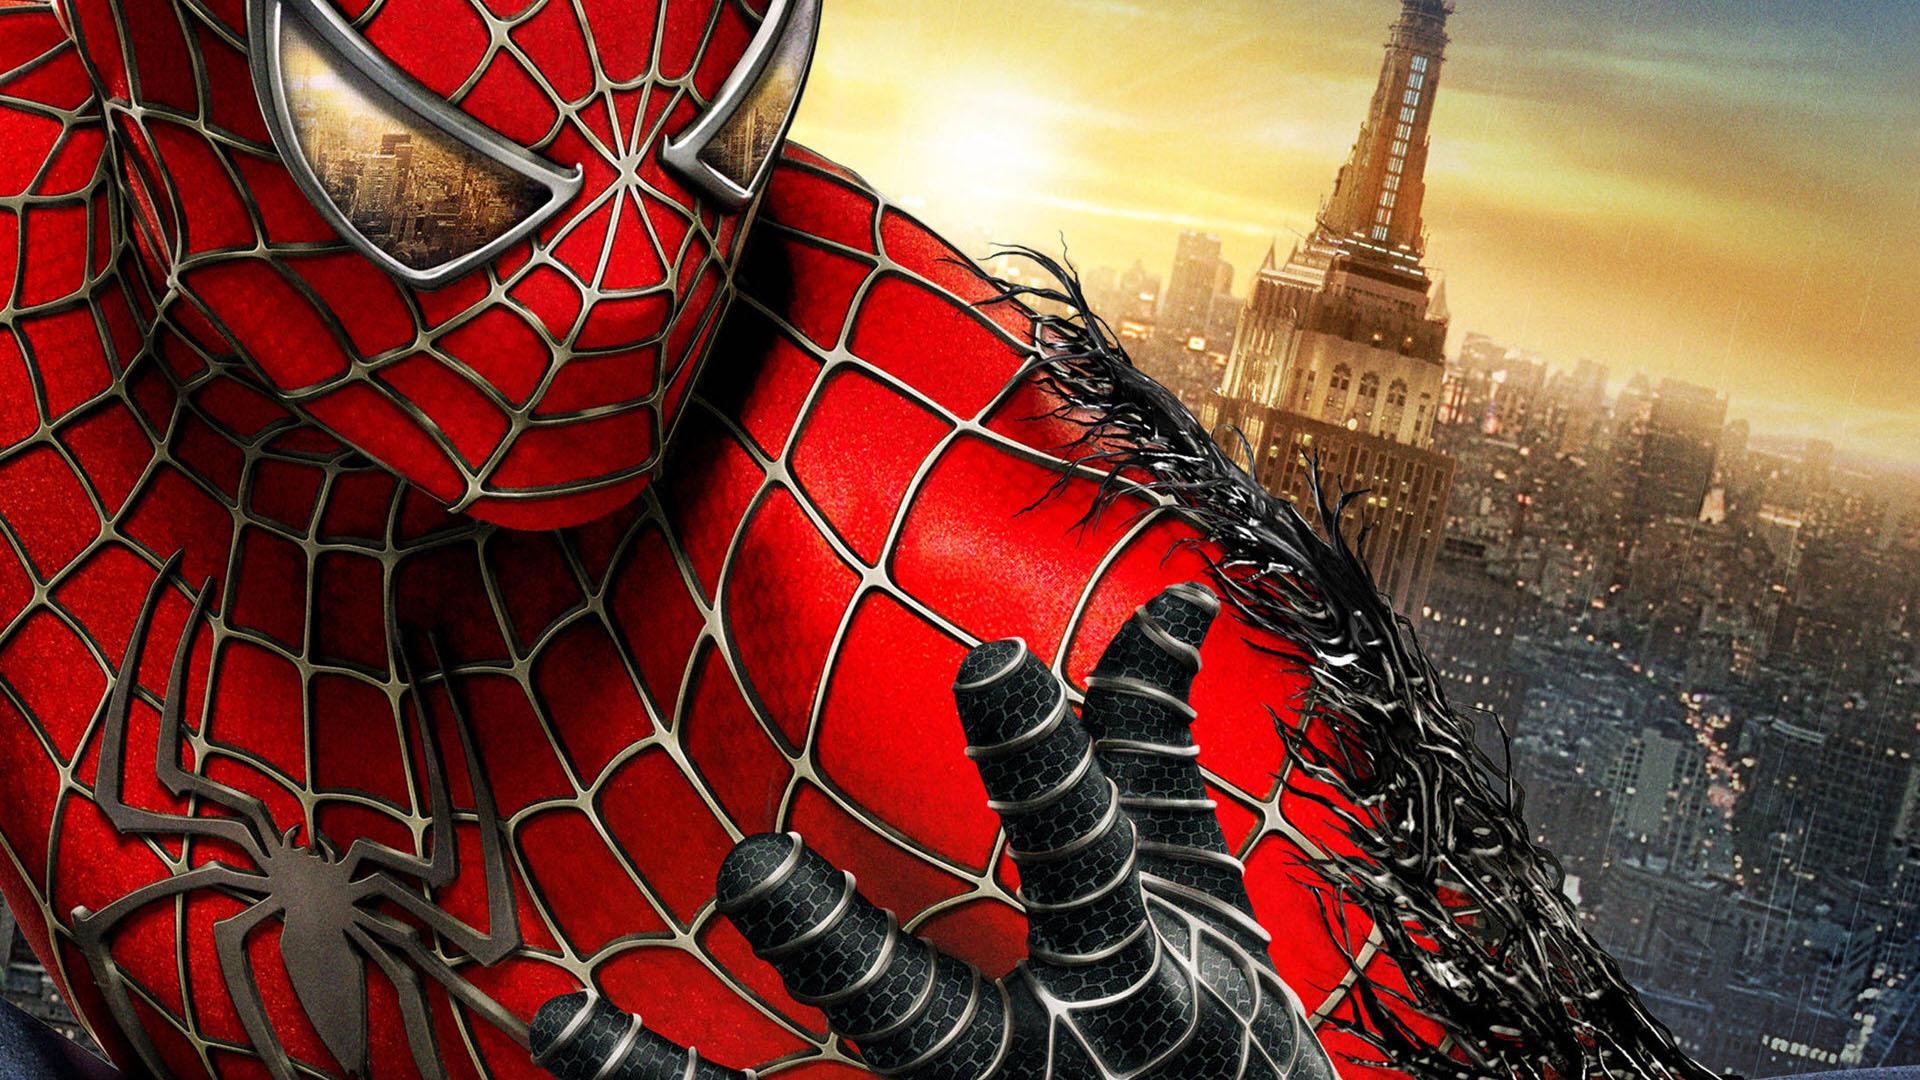 SpiderMan HD Wallpapers 1080p | WallpapersCharlie